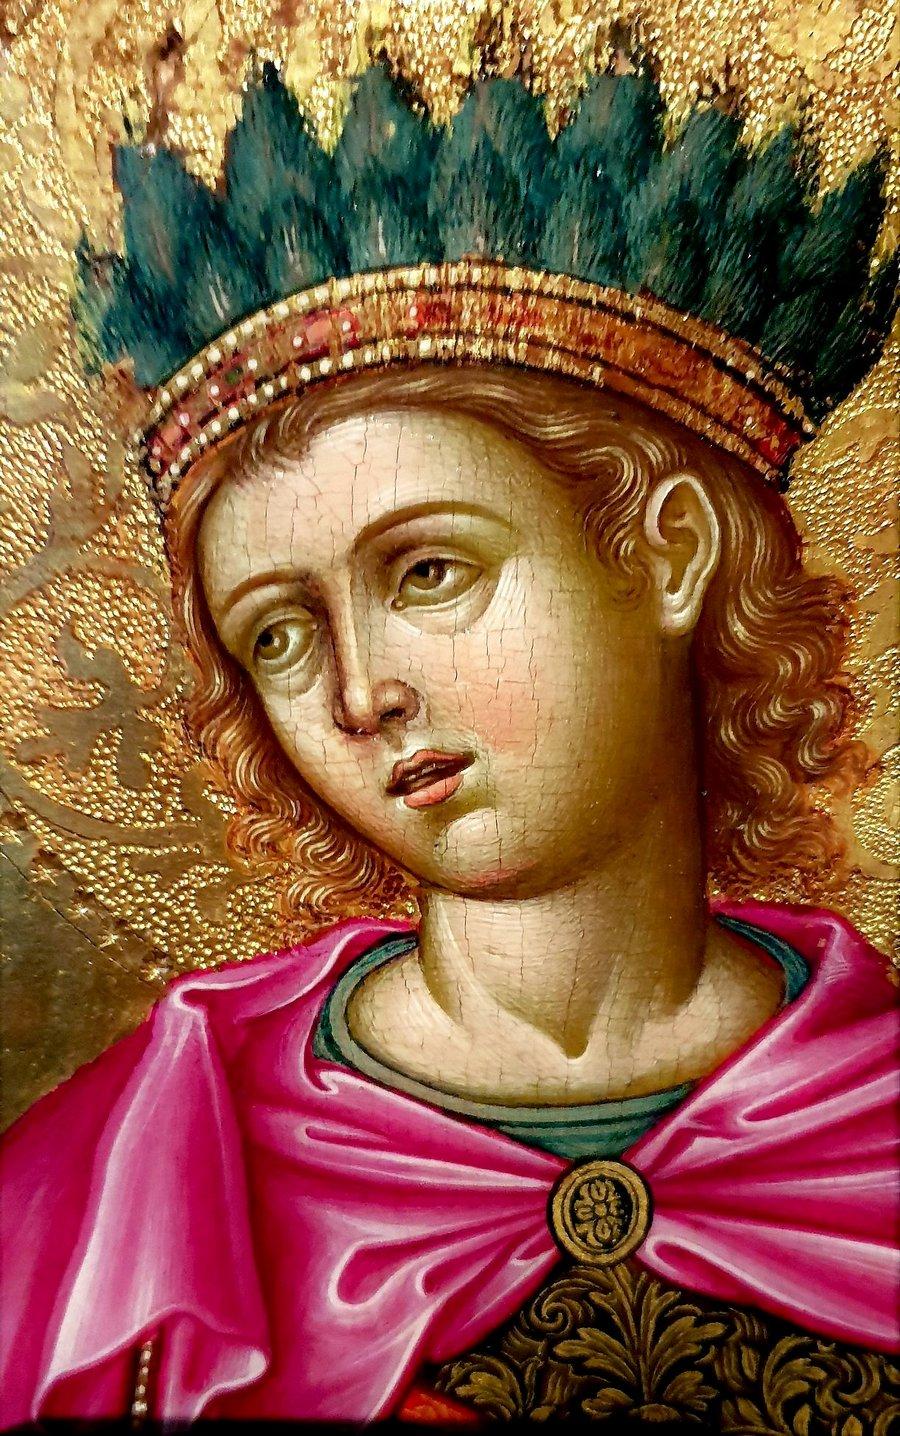 Святой Мученик Гаведдай, царевич Персидский. Икона. Греция, 1665 год. Фрагмент.